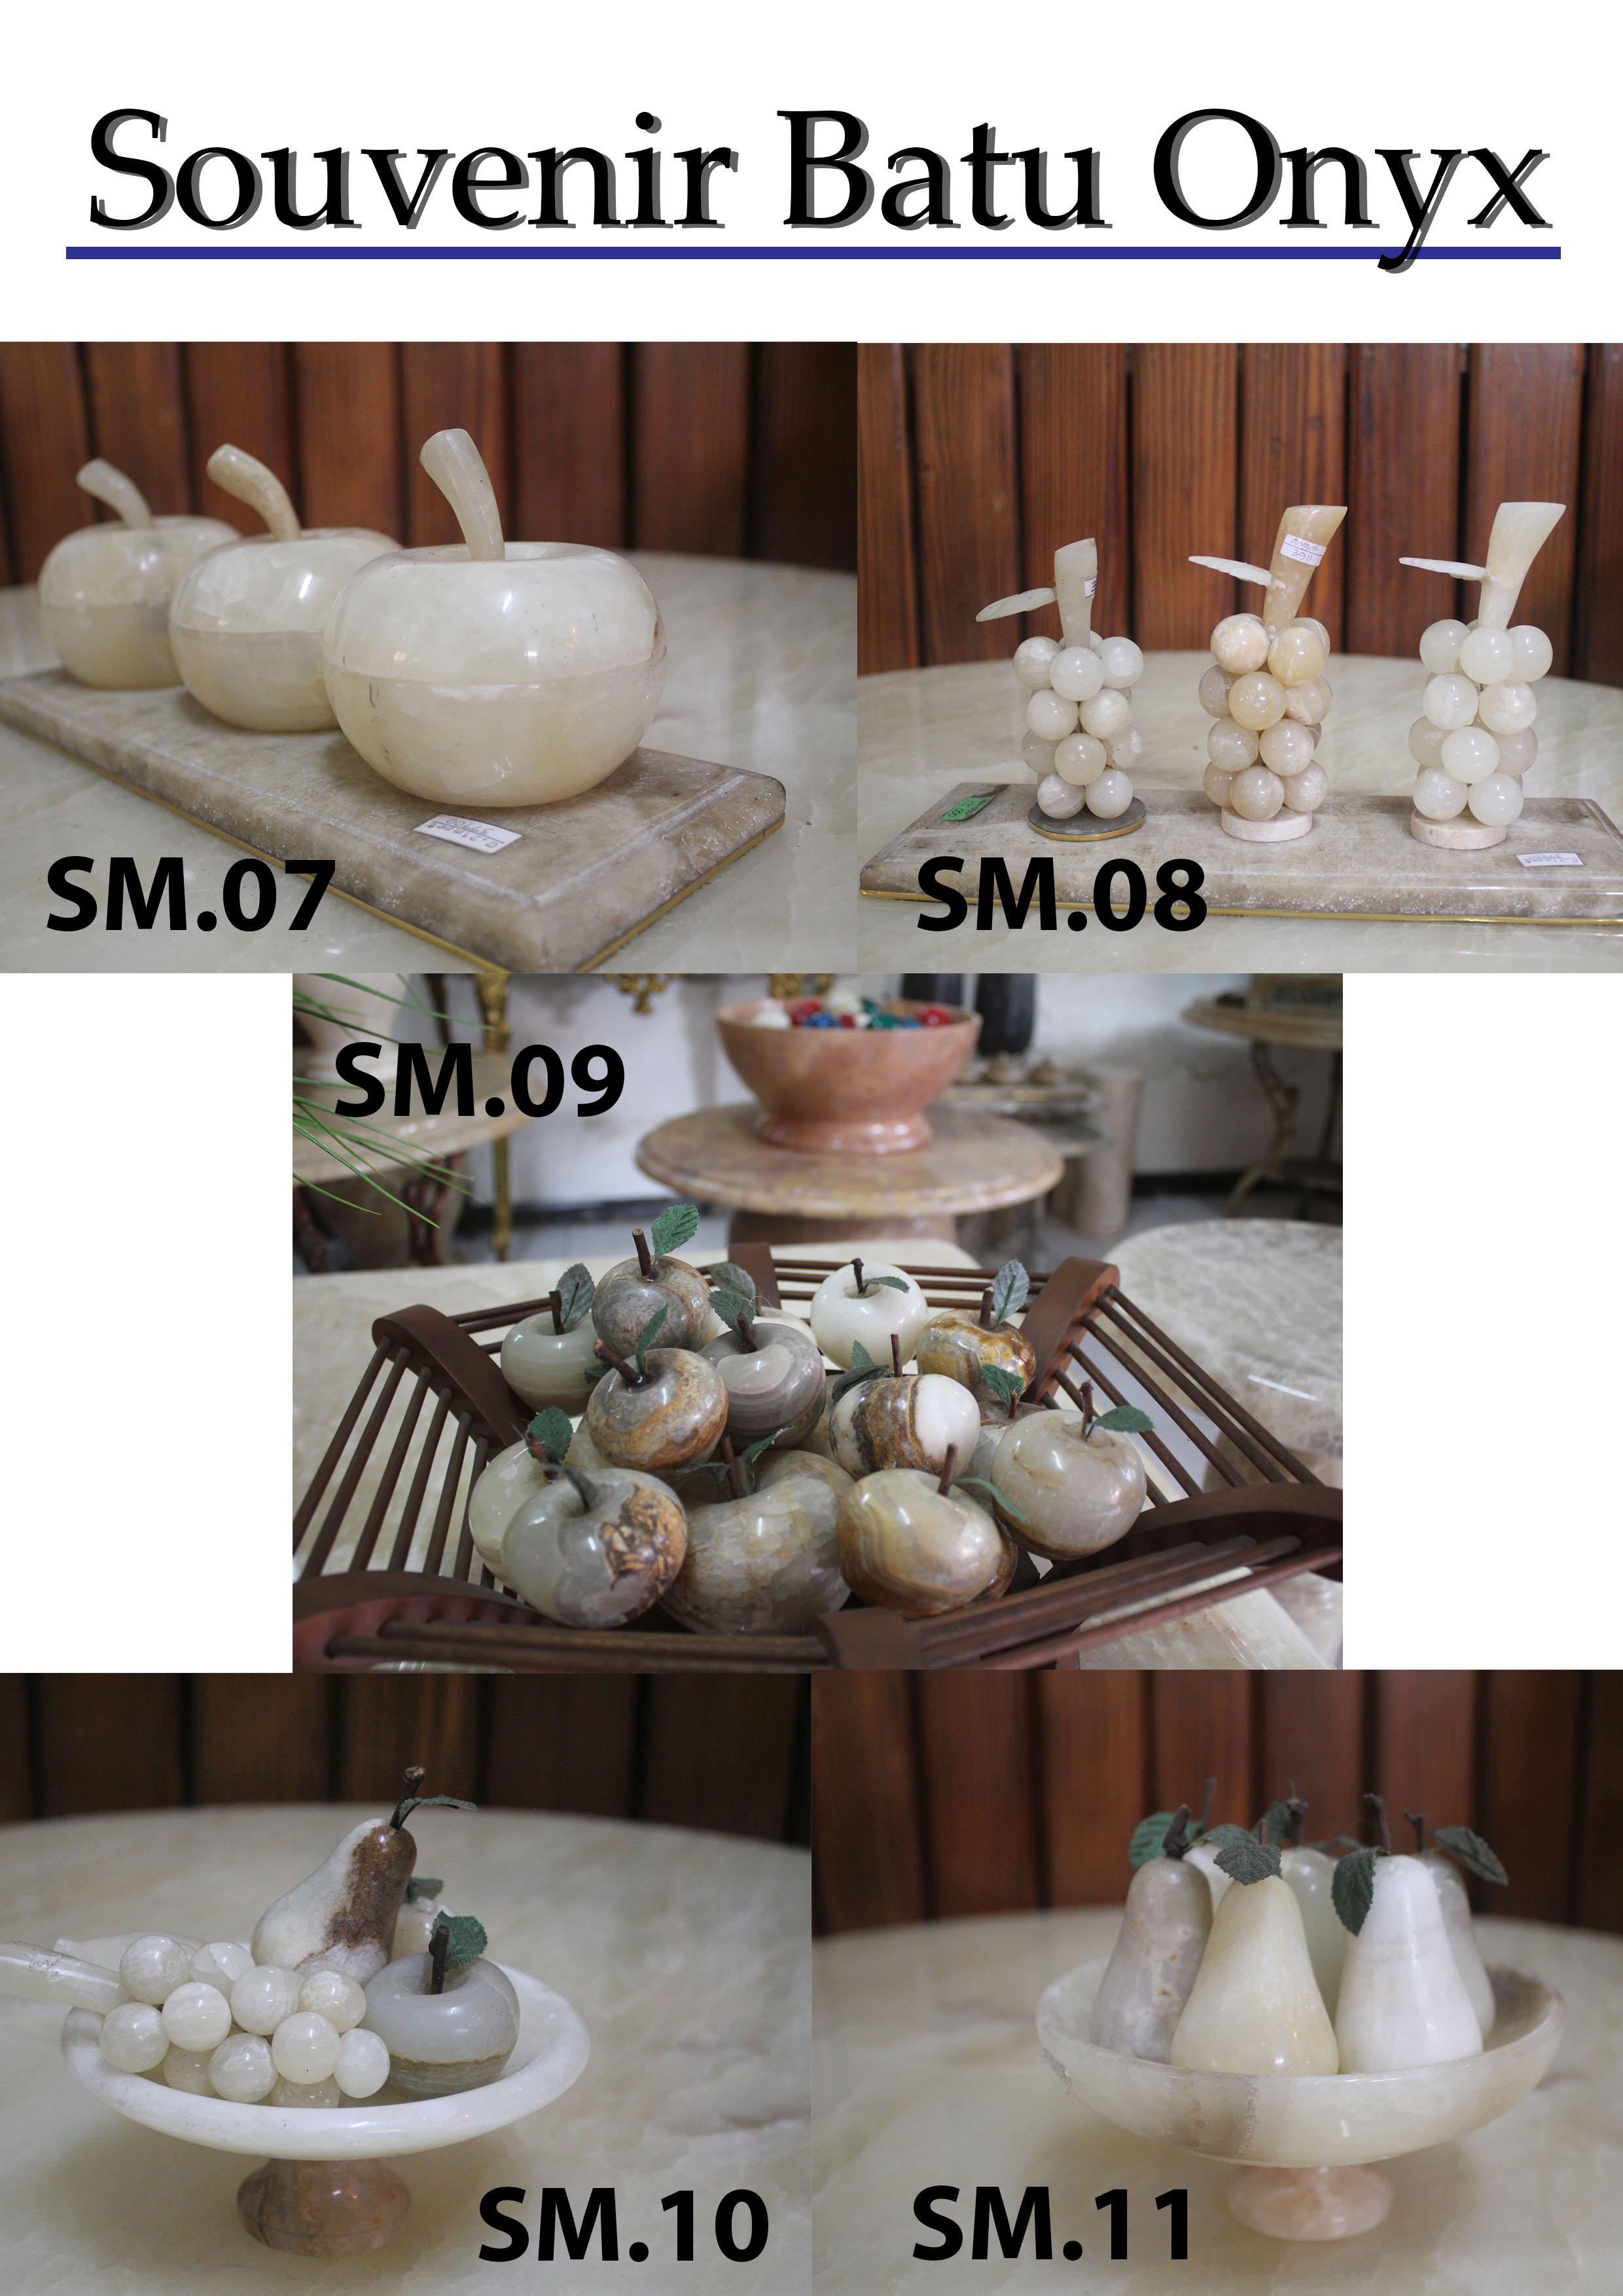 Souvenir Murah Surabaya Souvenir Murah,souvenir Murah